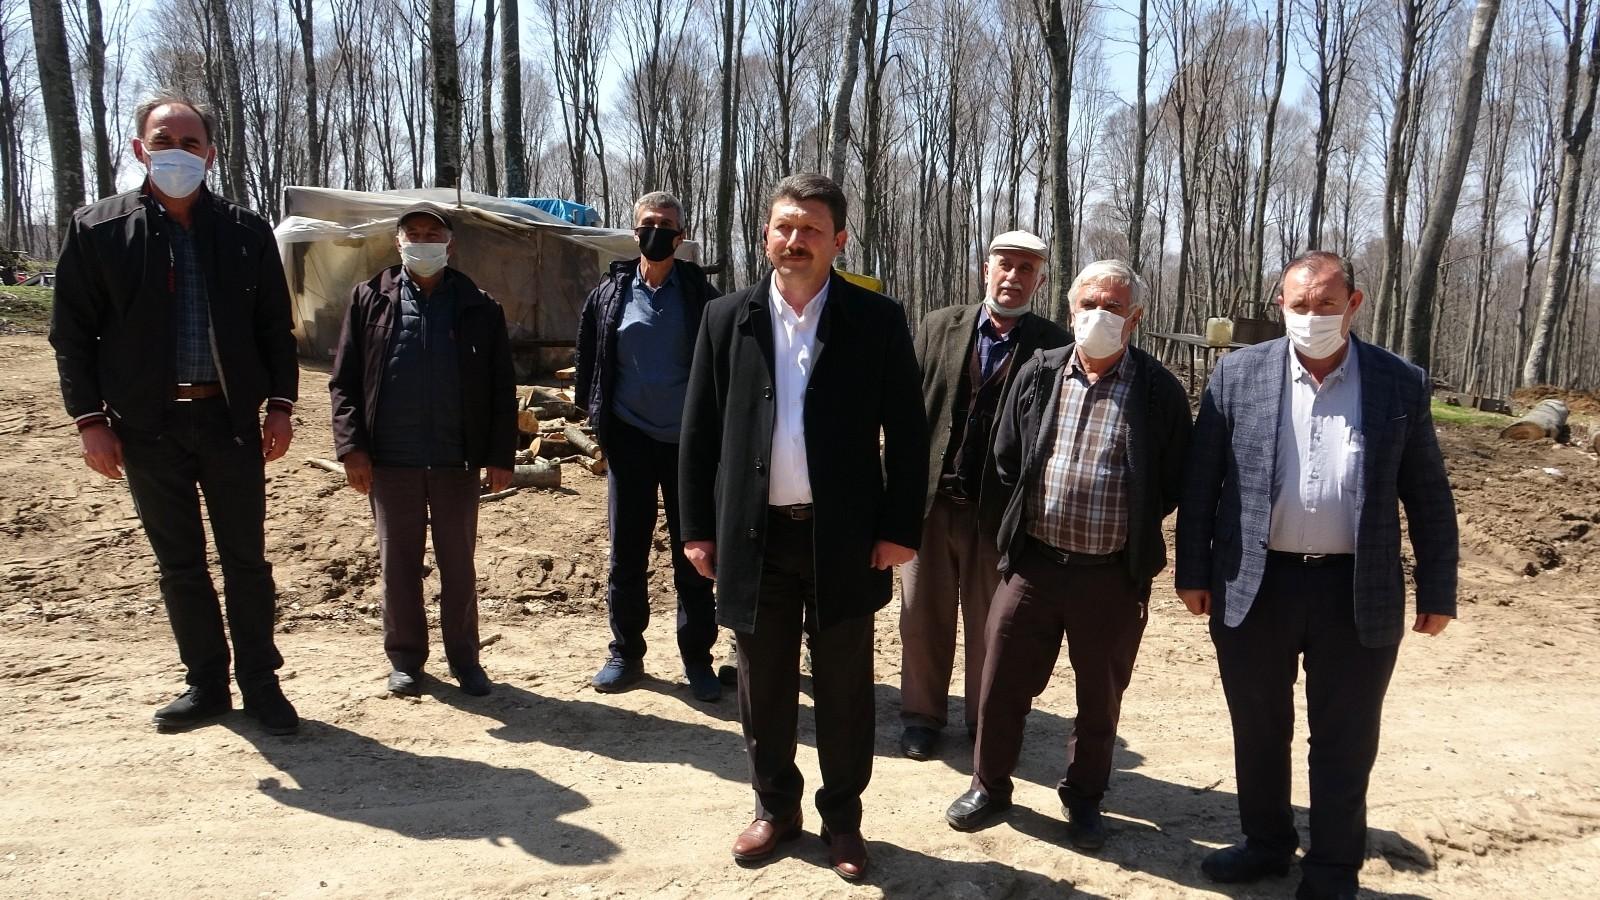 Mağdur olduğunu söyleyen Orman köylüsü kesim hakkını geri istiyor